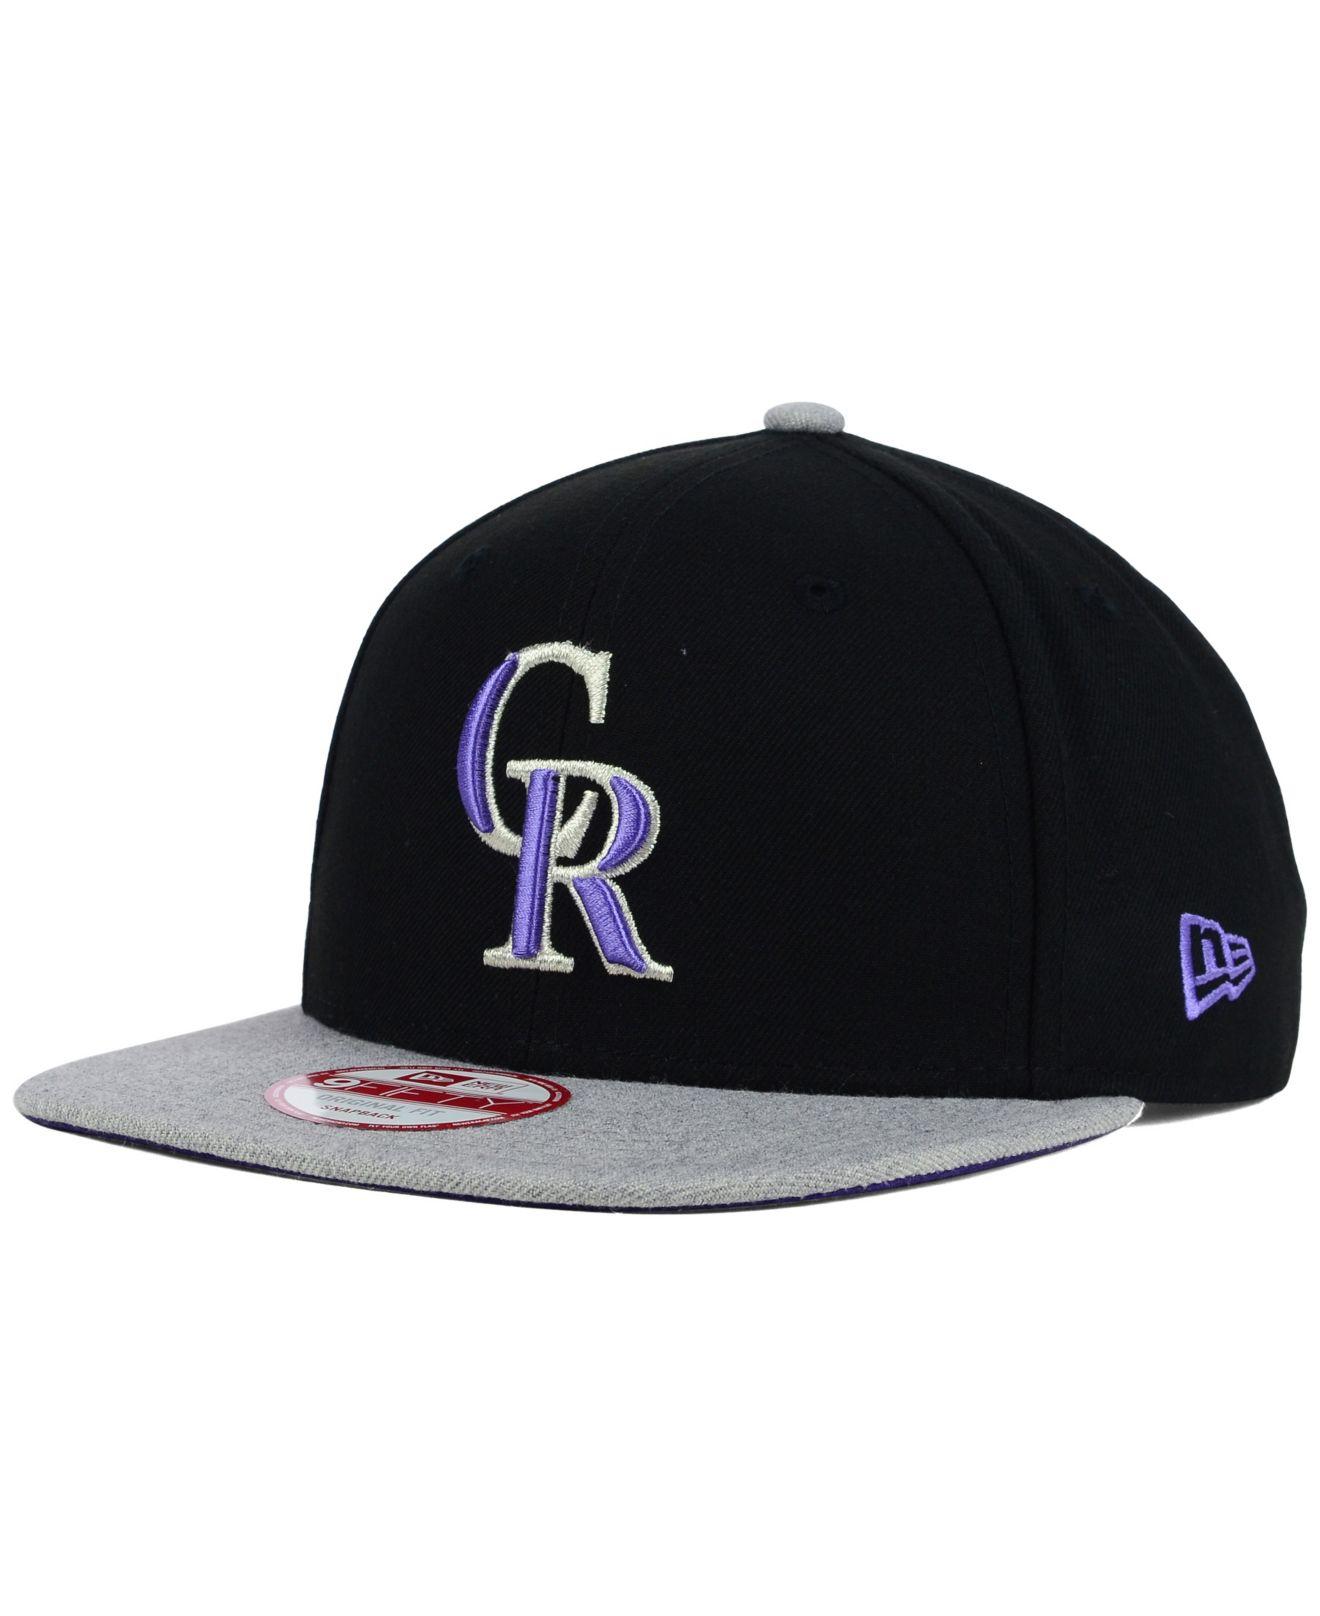 sale retailer a282e 91599 ... wholesale lyst ktz colorado rockies logo refresh 9fifty snapback cap in  9ee1c 33c1b